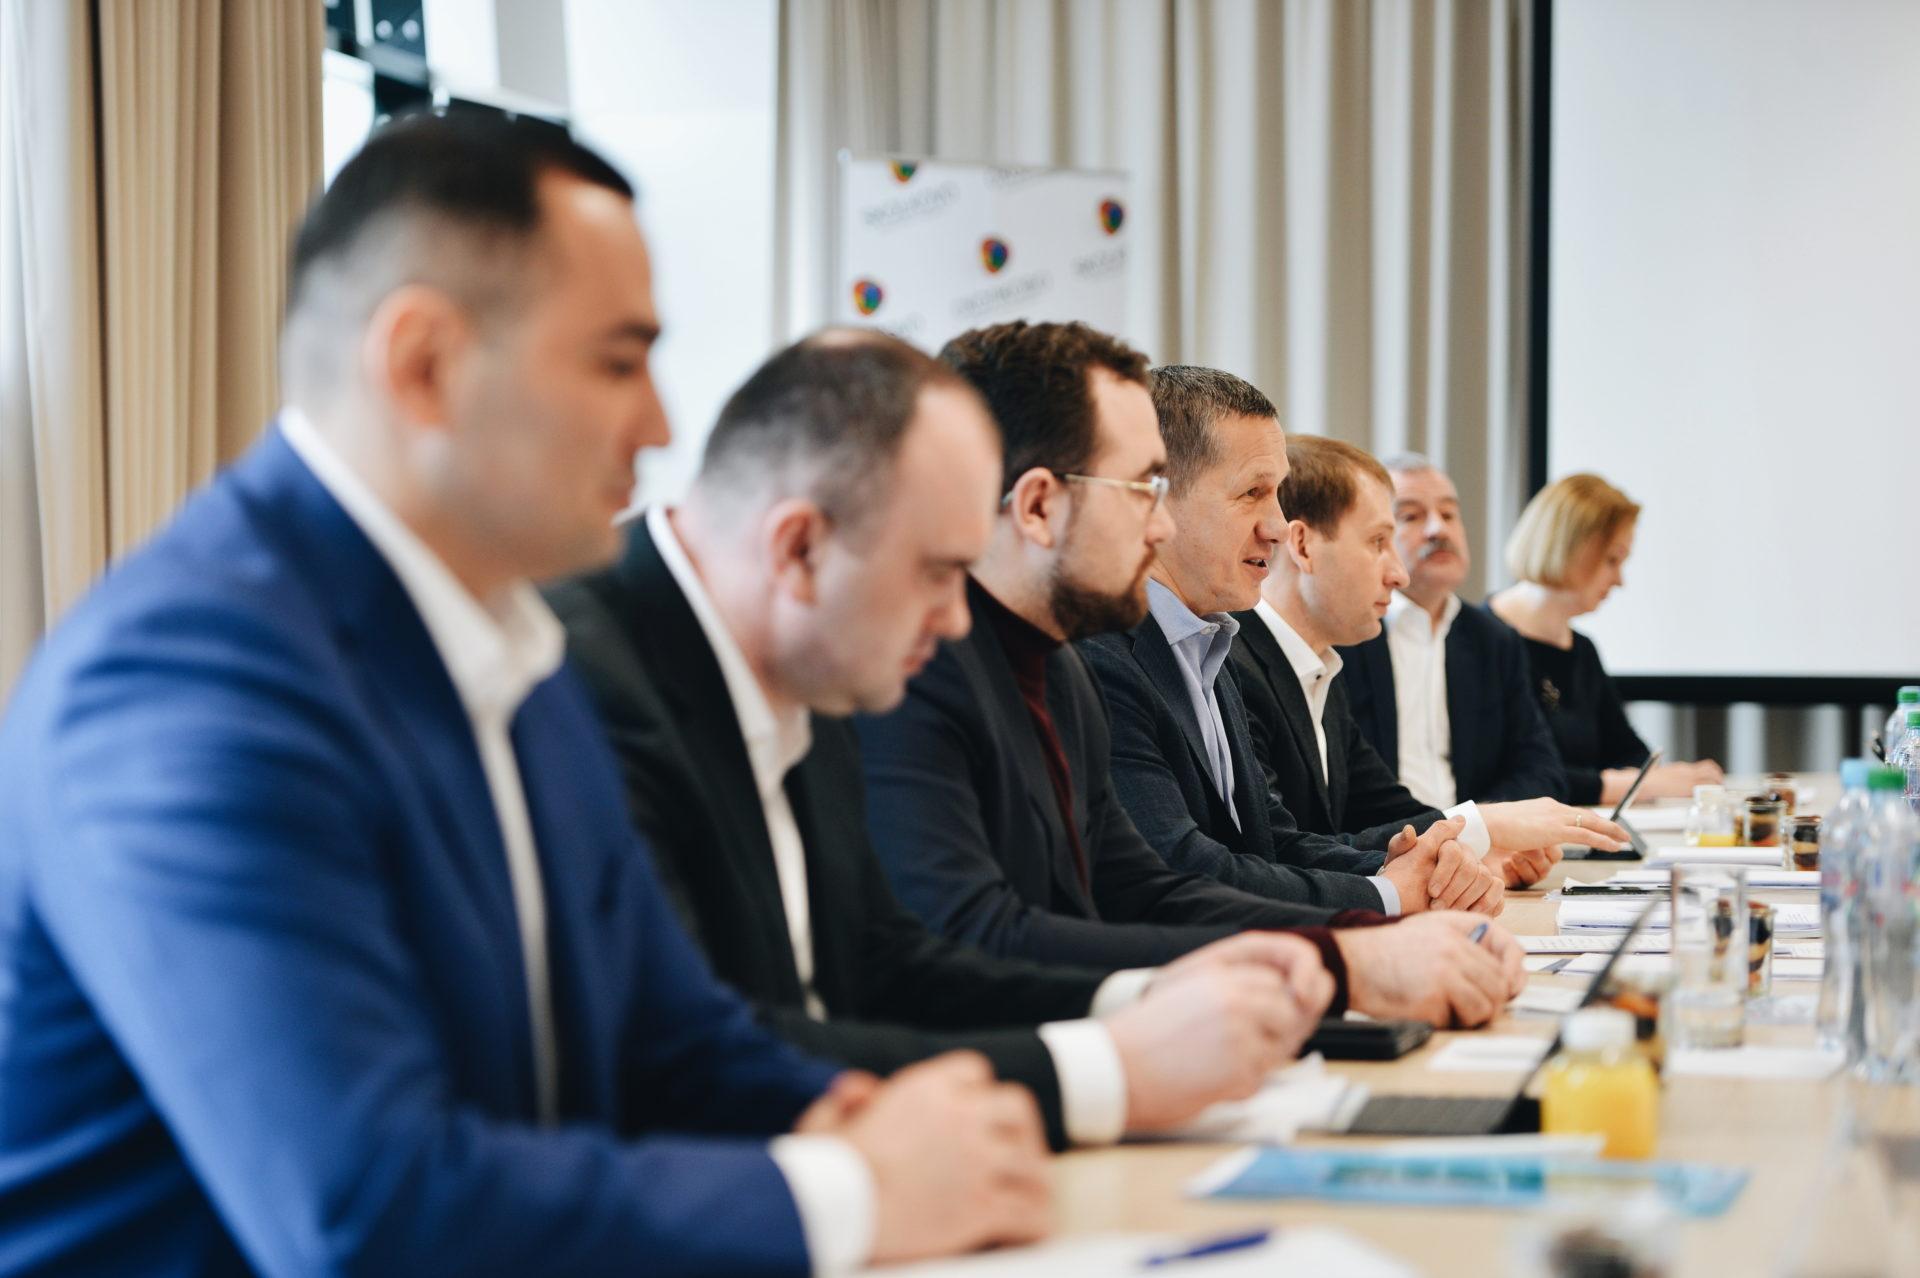 Айсен Николаев принял участие в первой стратегической сессии по работе над проектом Стратегии развития Арктической зоны РФ до 2035 года